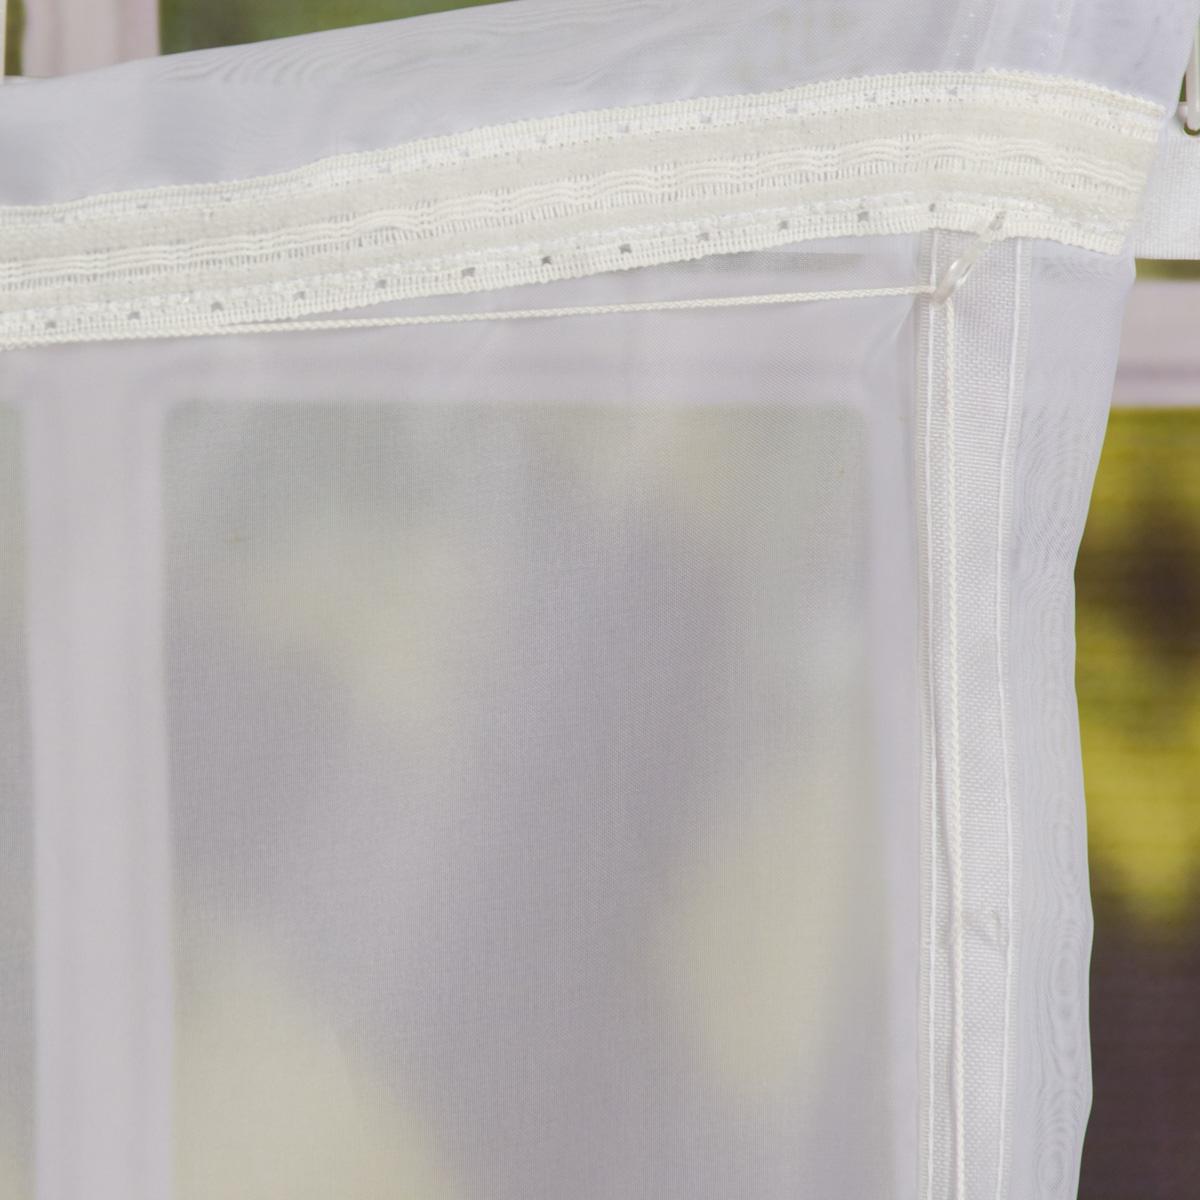 raffrollo digitaldruck carozo digitaldruck steine 45x140cm. Black Bedroom Furniture Sets. Home Design Ideas